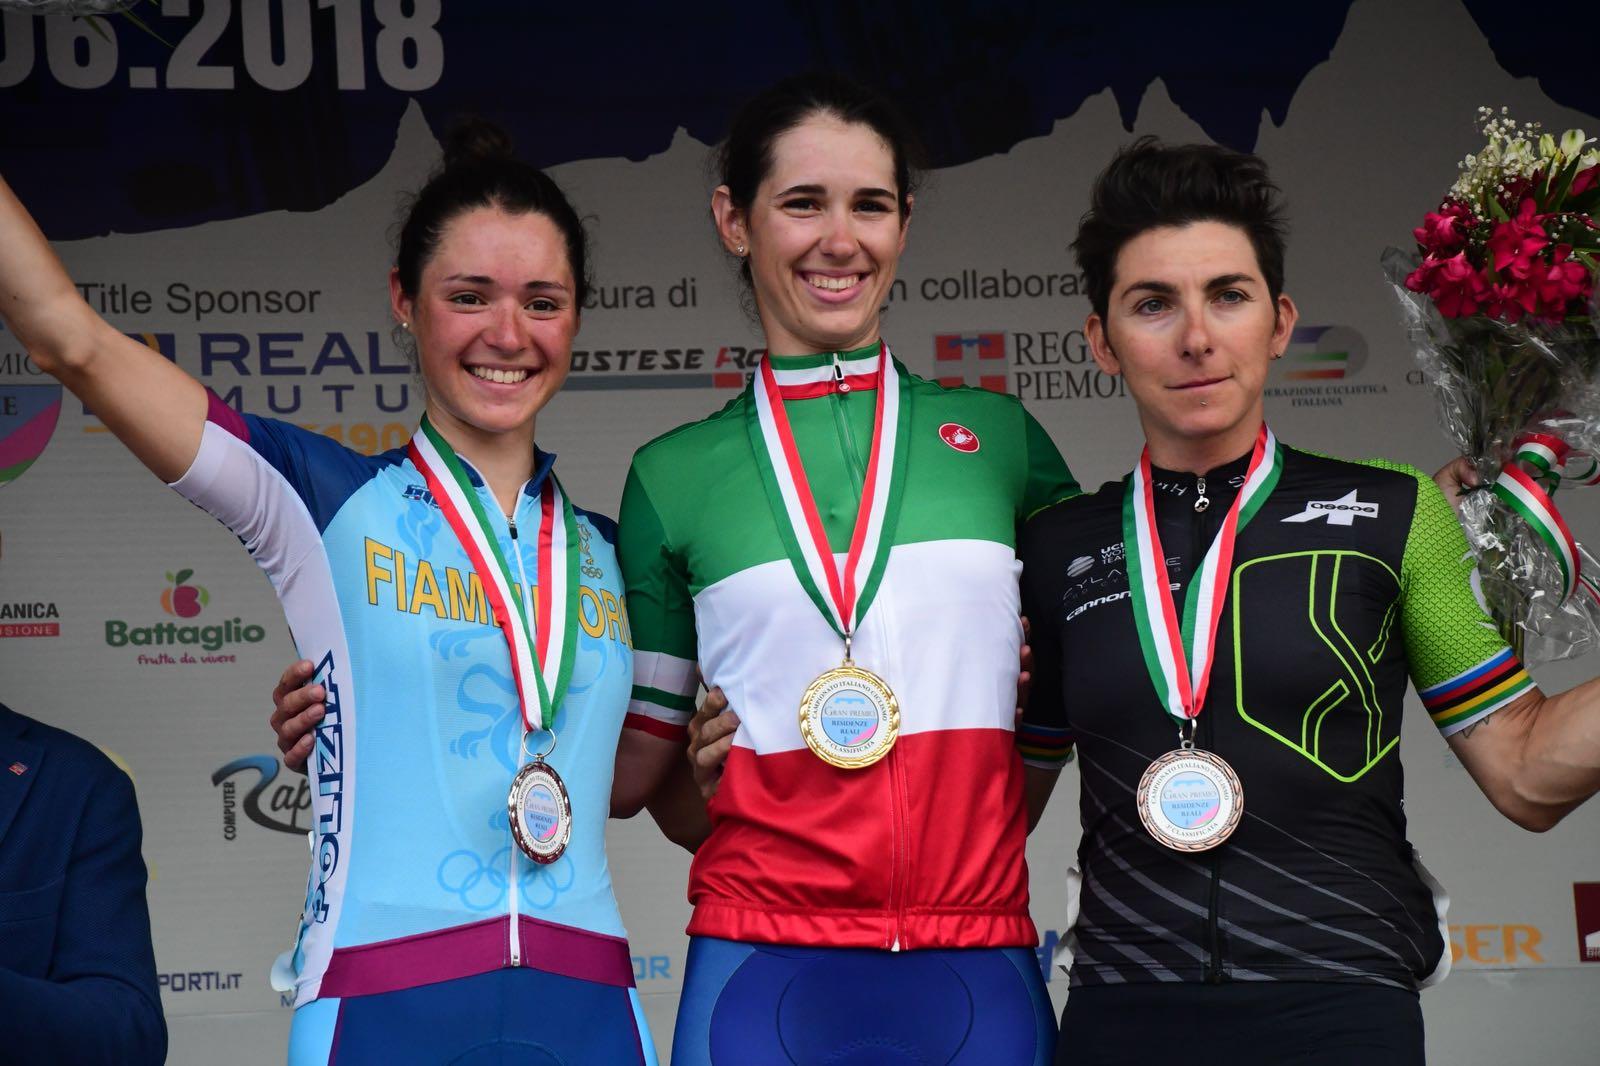 Il podio del Campionato iIaliano Donne Elite 2018 ad Agliè